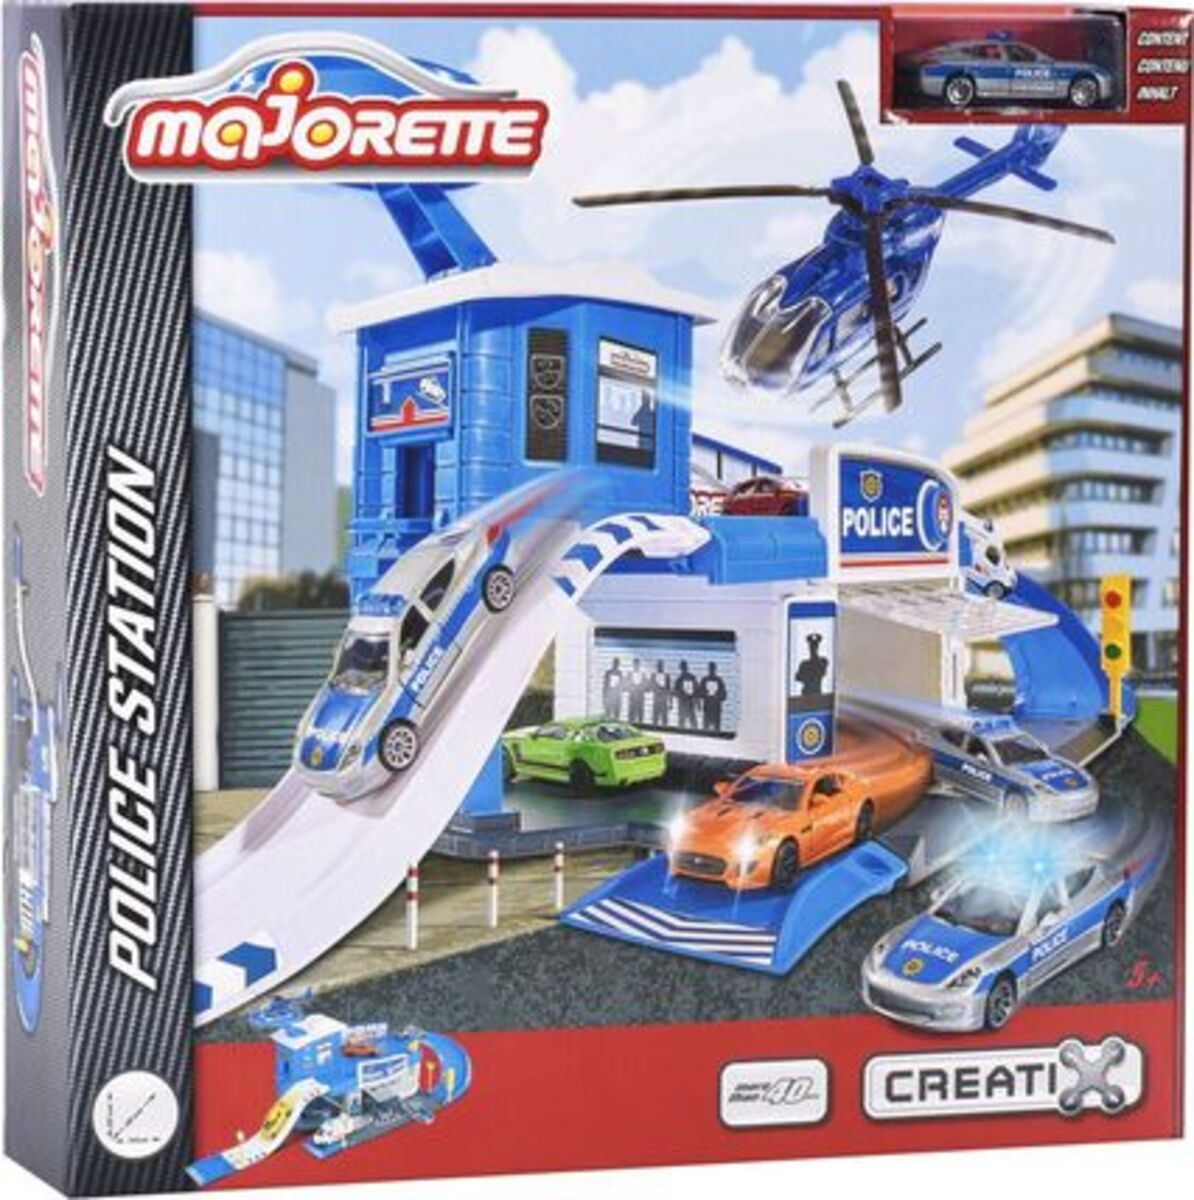 Bild 1 von Dickie Toys Creatix Polizei Station + 1 Car